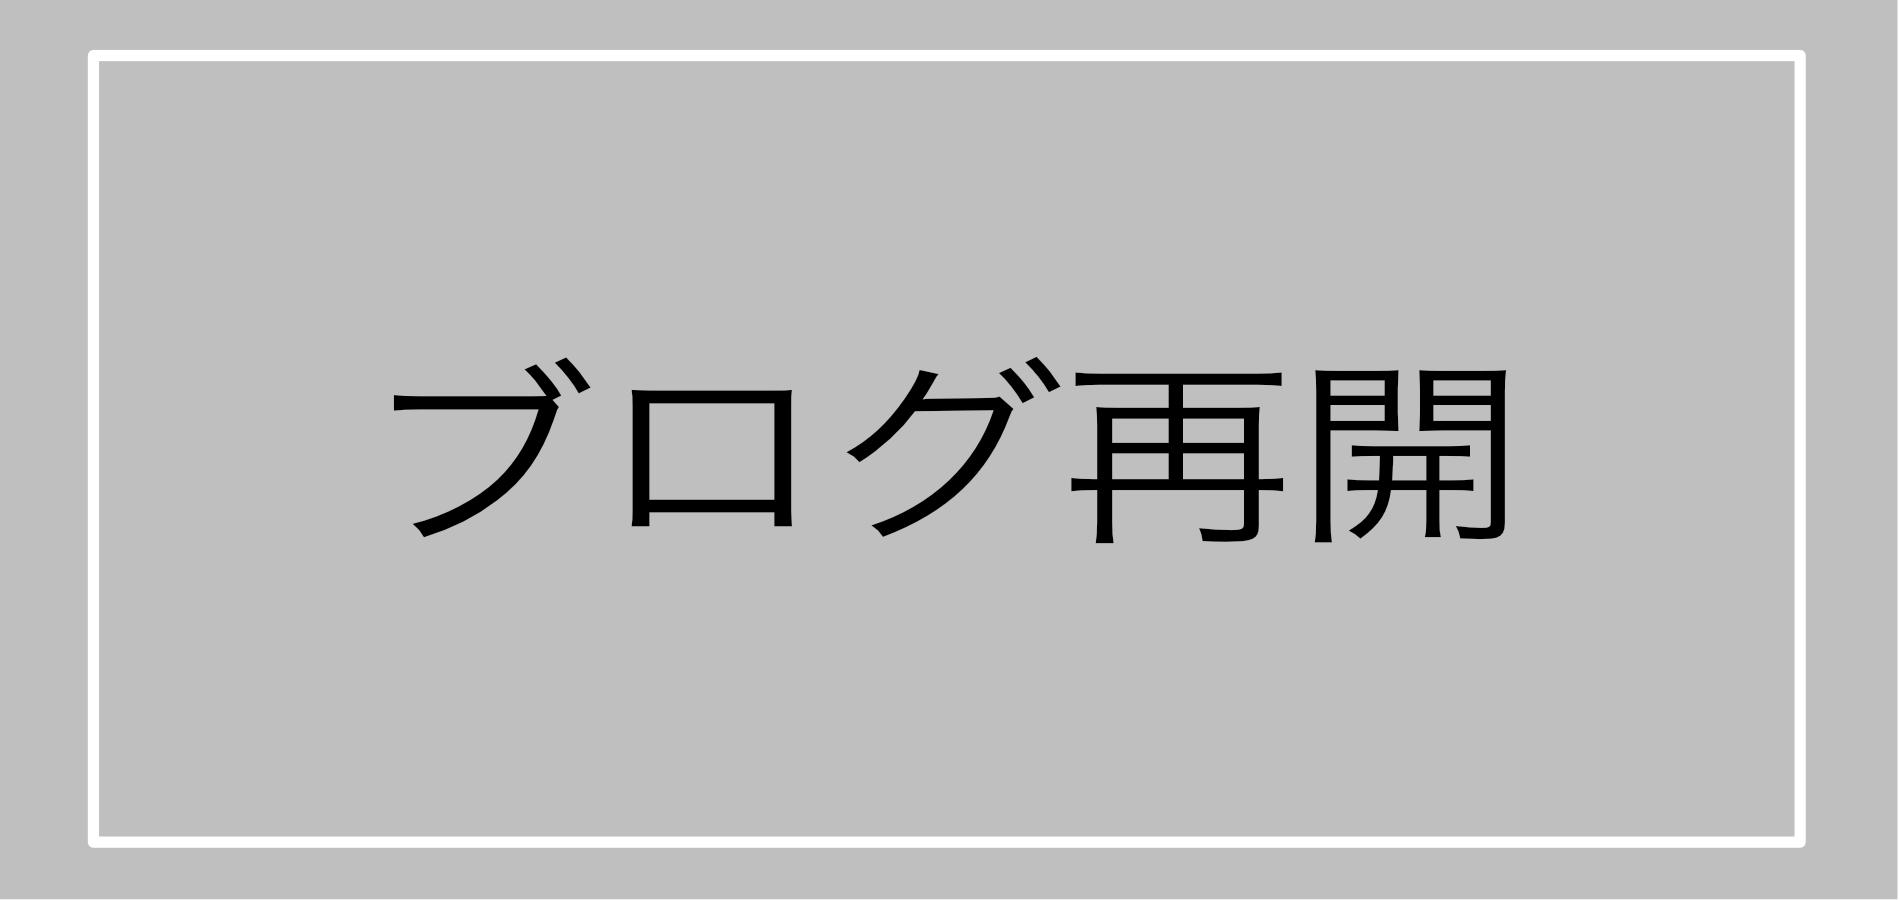 Blog restart